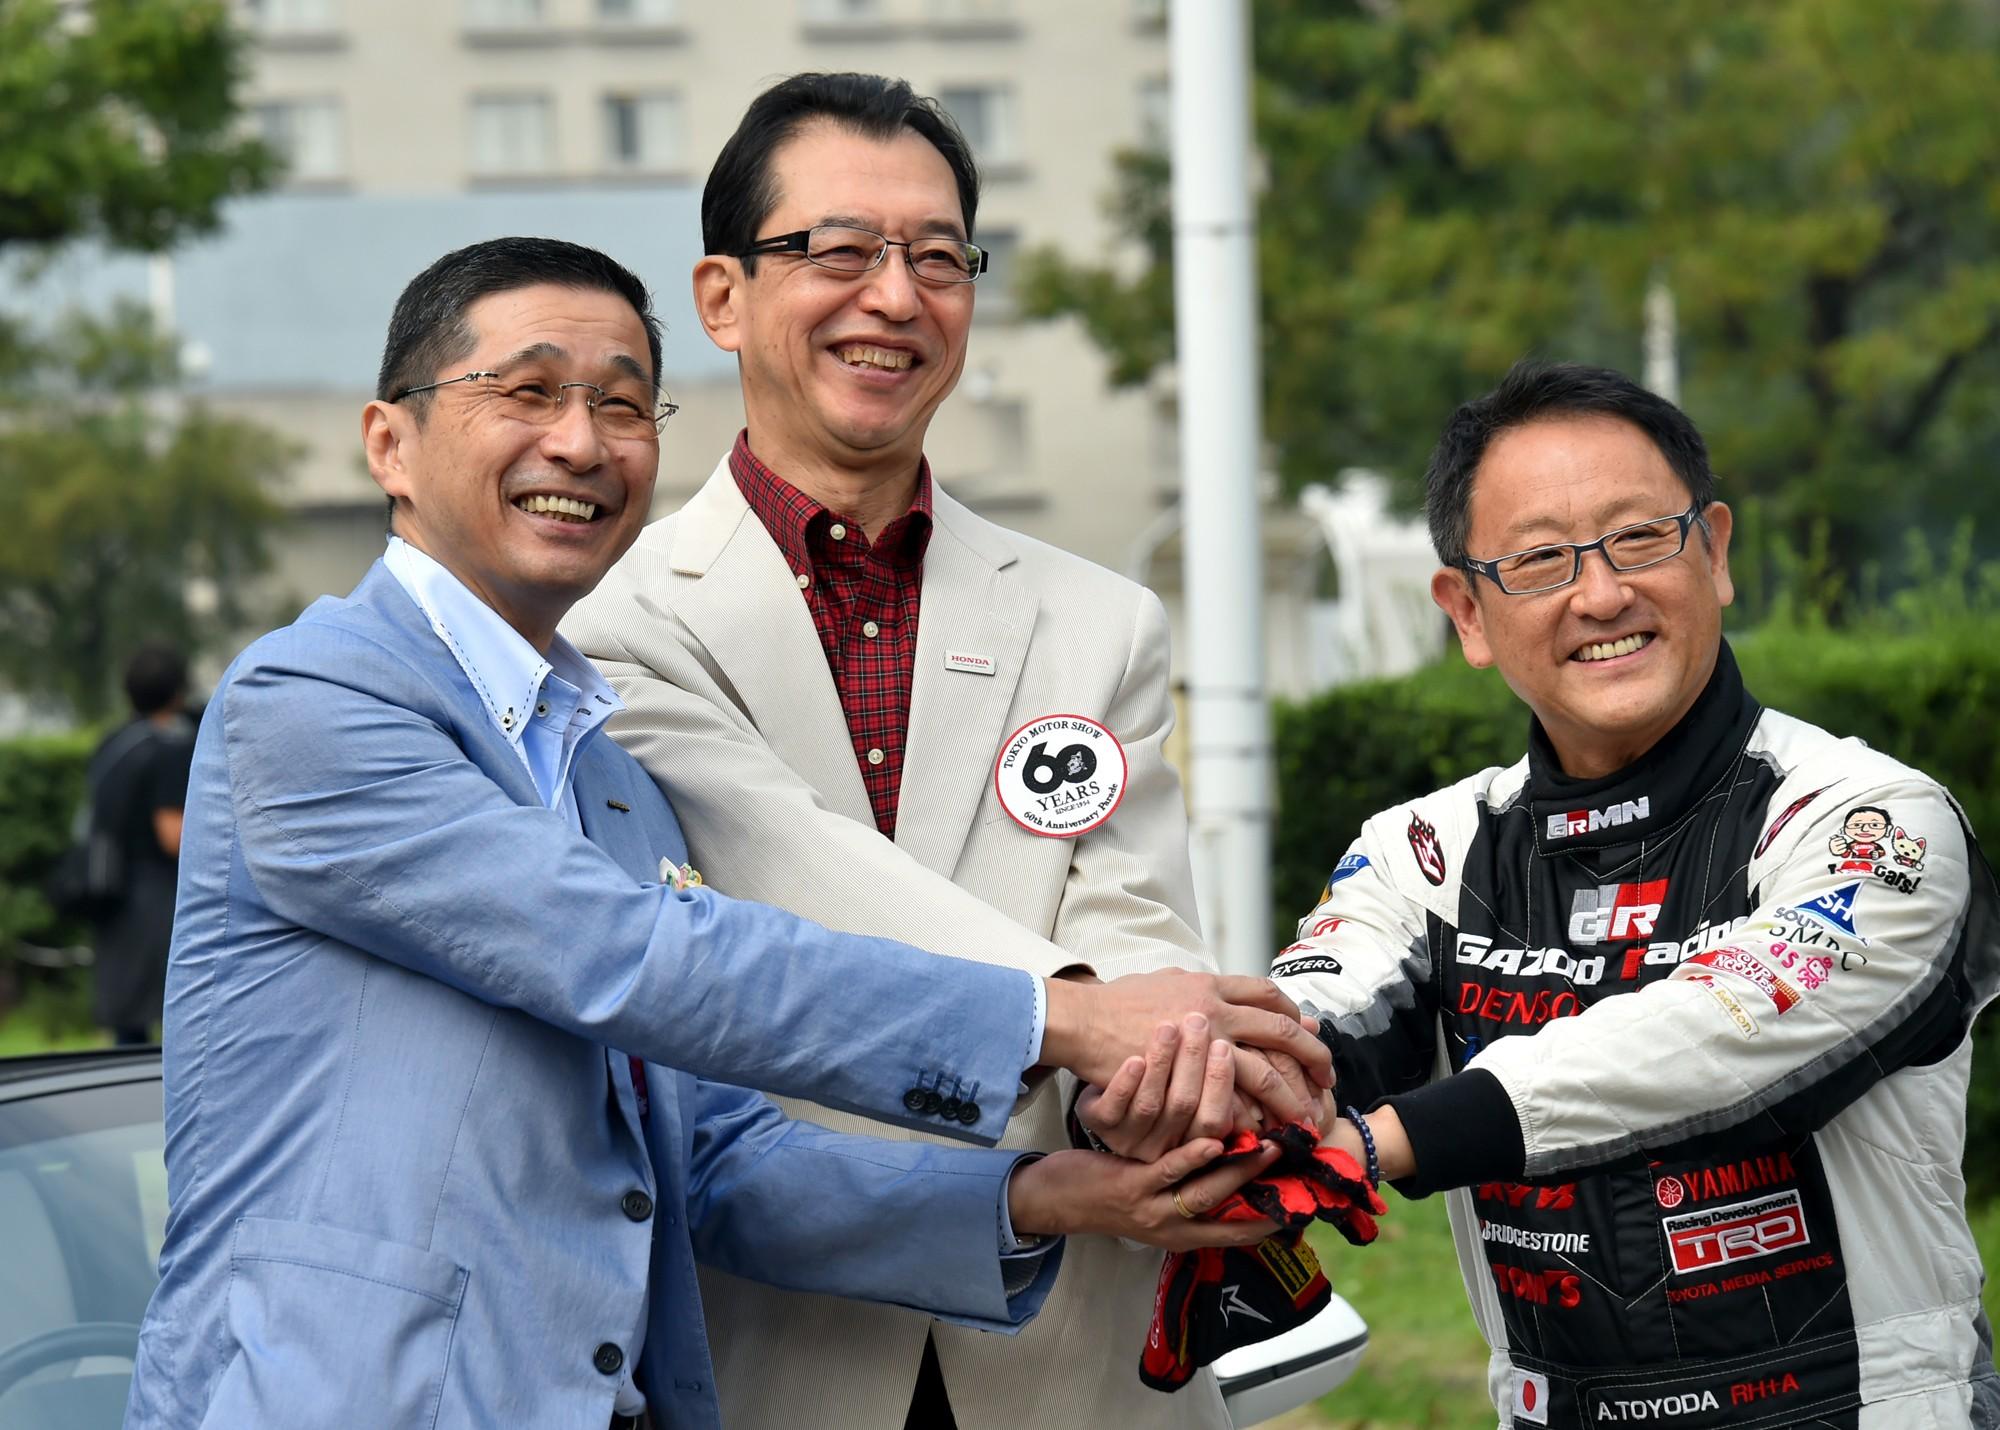 Hiroto Saikawa (esq.), então COO da Nissan, posa com Fumihiko Ike (centro), membro da mesa diretora da Honda, em comemoração dos 60 anos do Salão do Automóvel de Tóquio em 2015 (Foto: Getty Images)